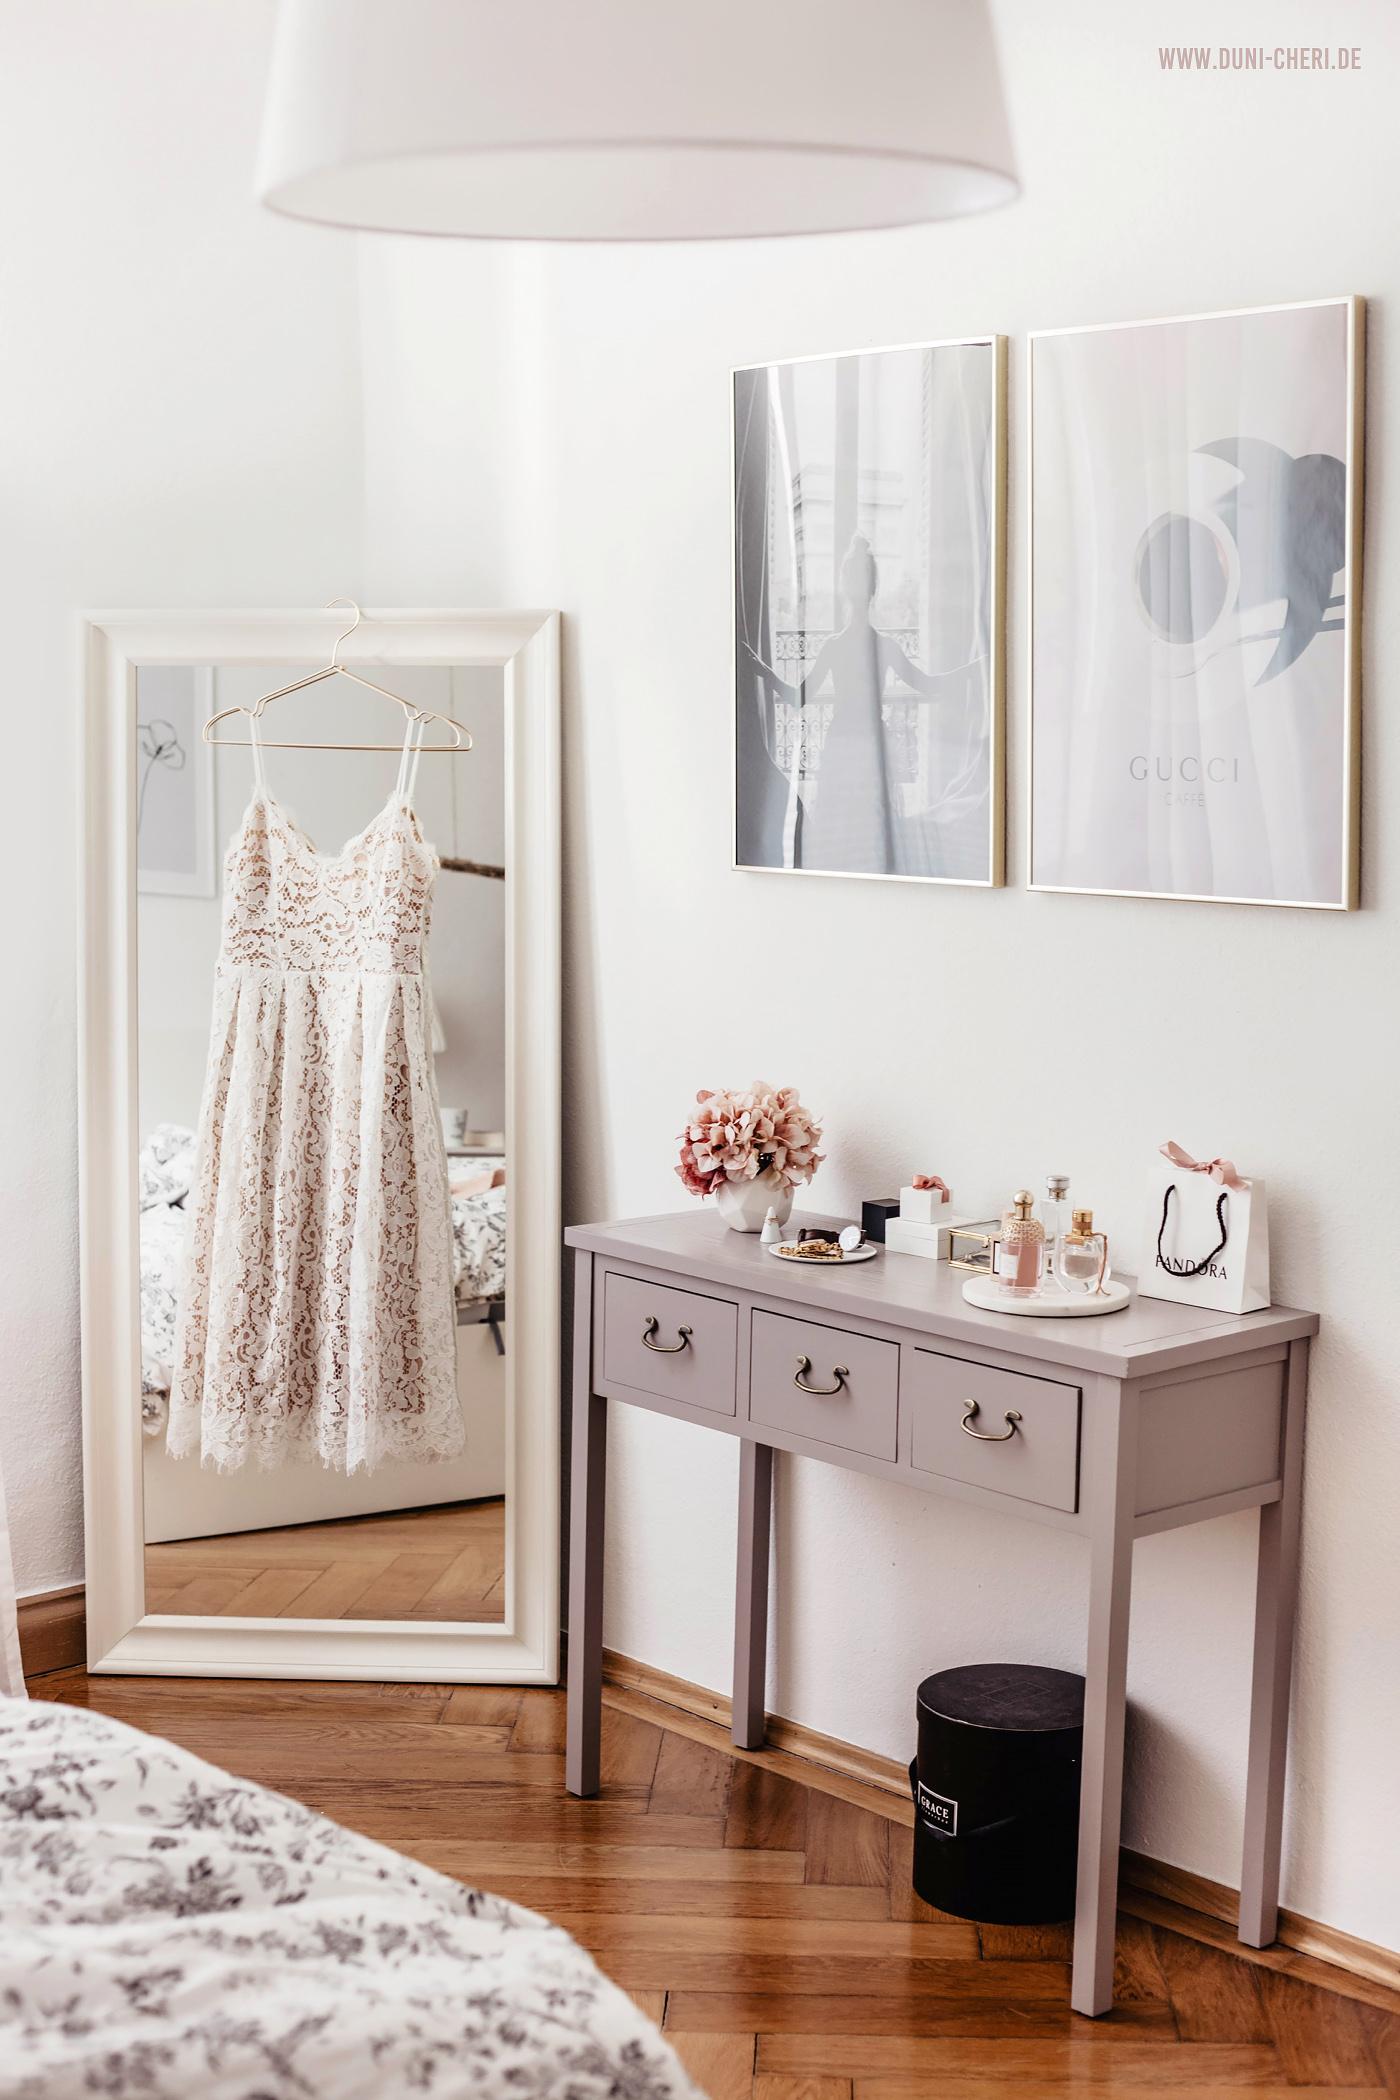 schlafzimmer paris style ideen parisian interior